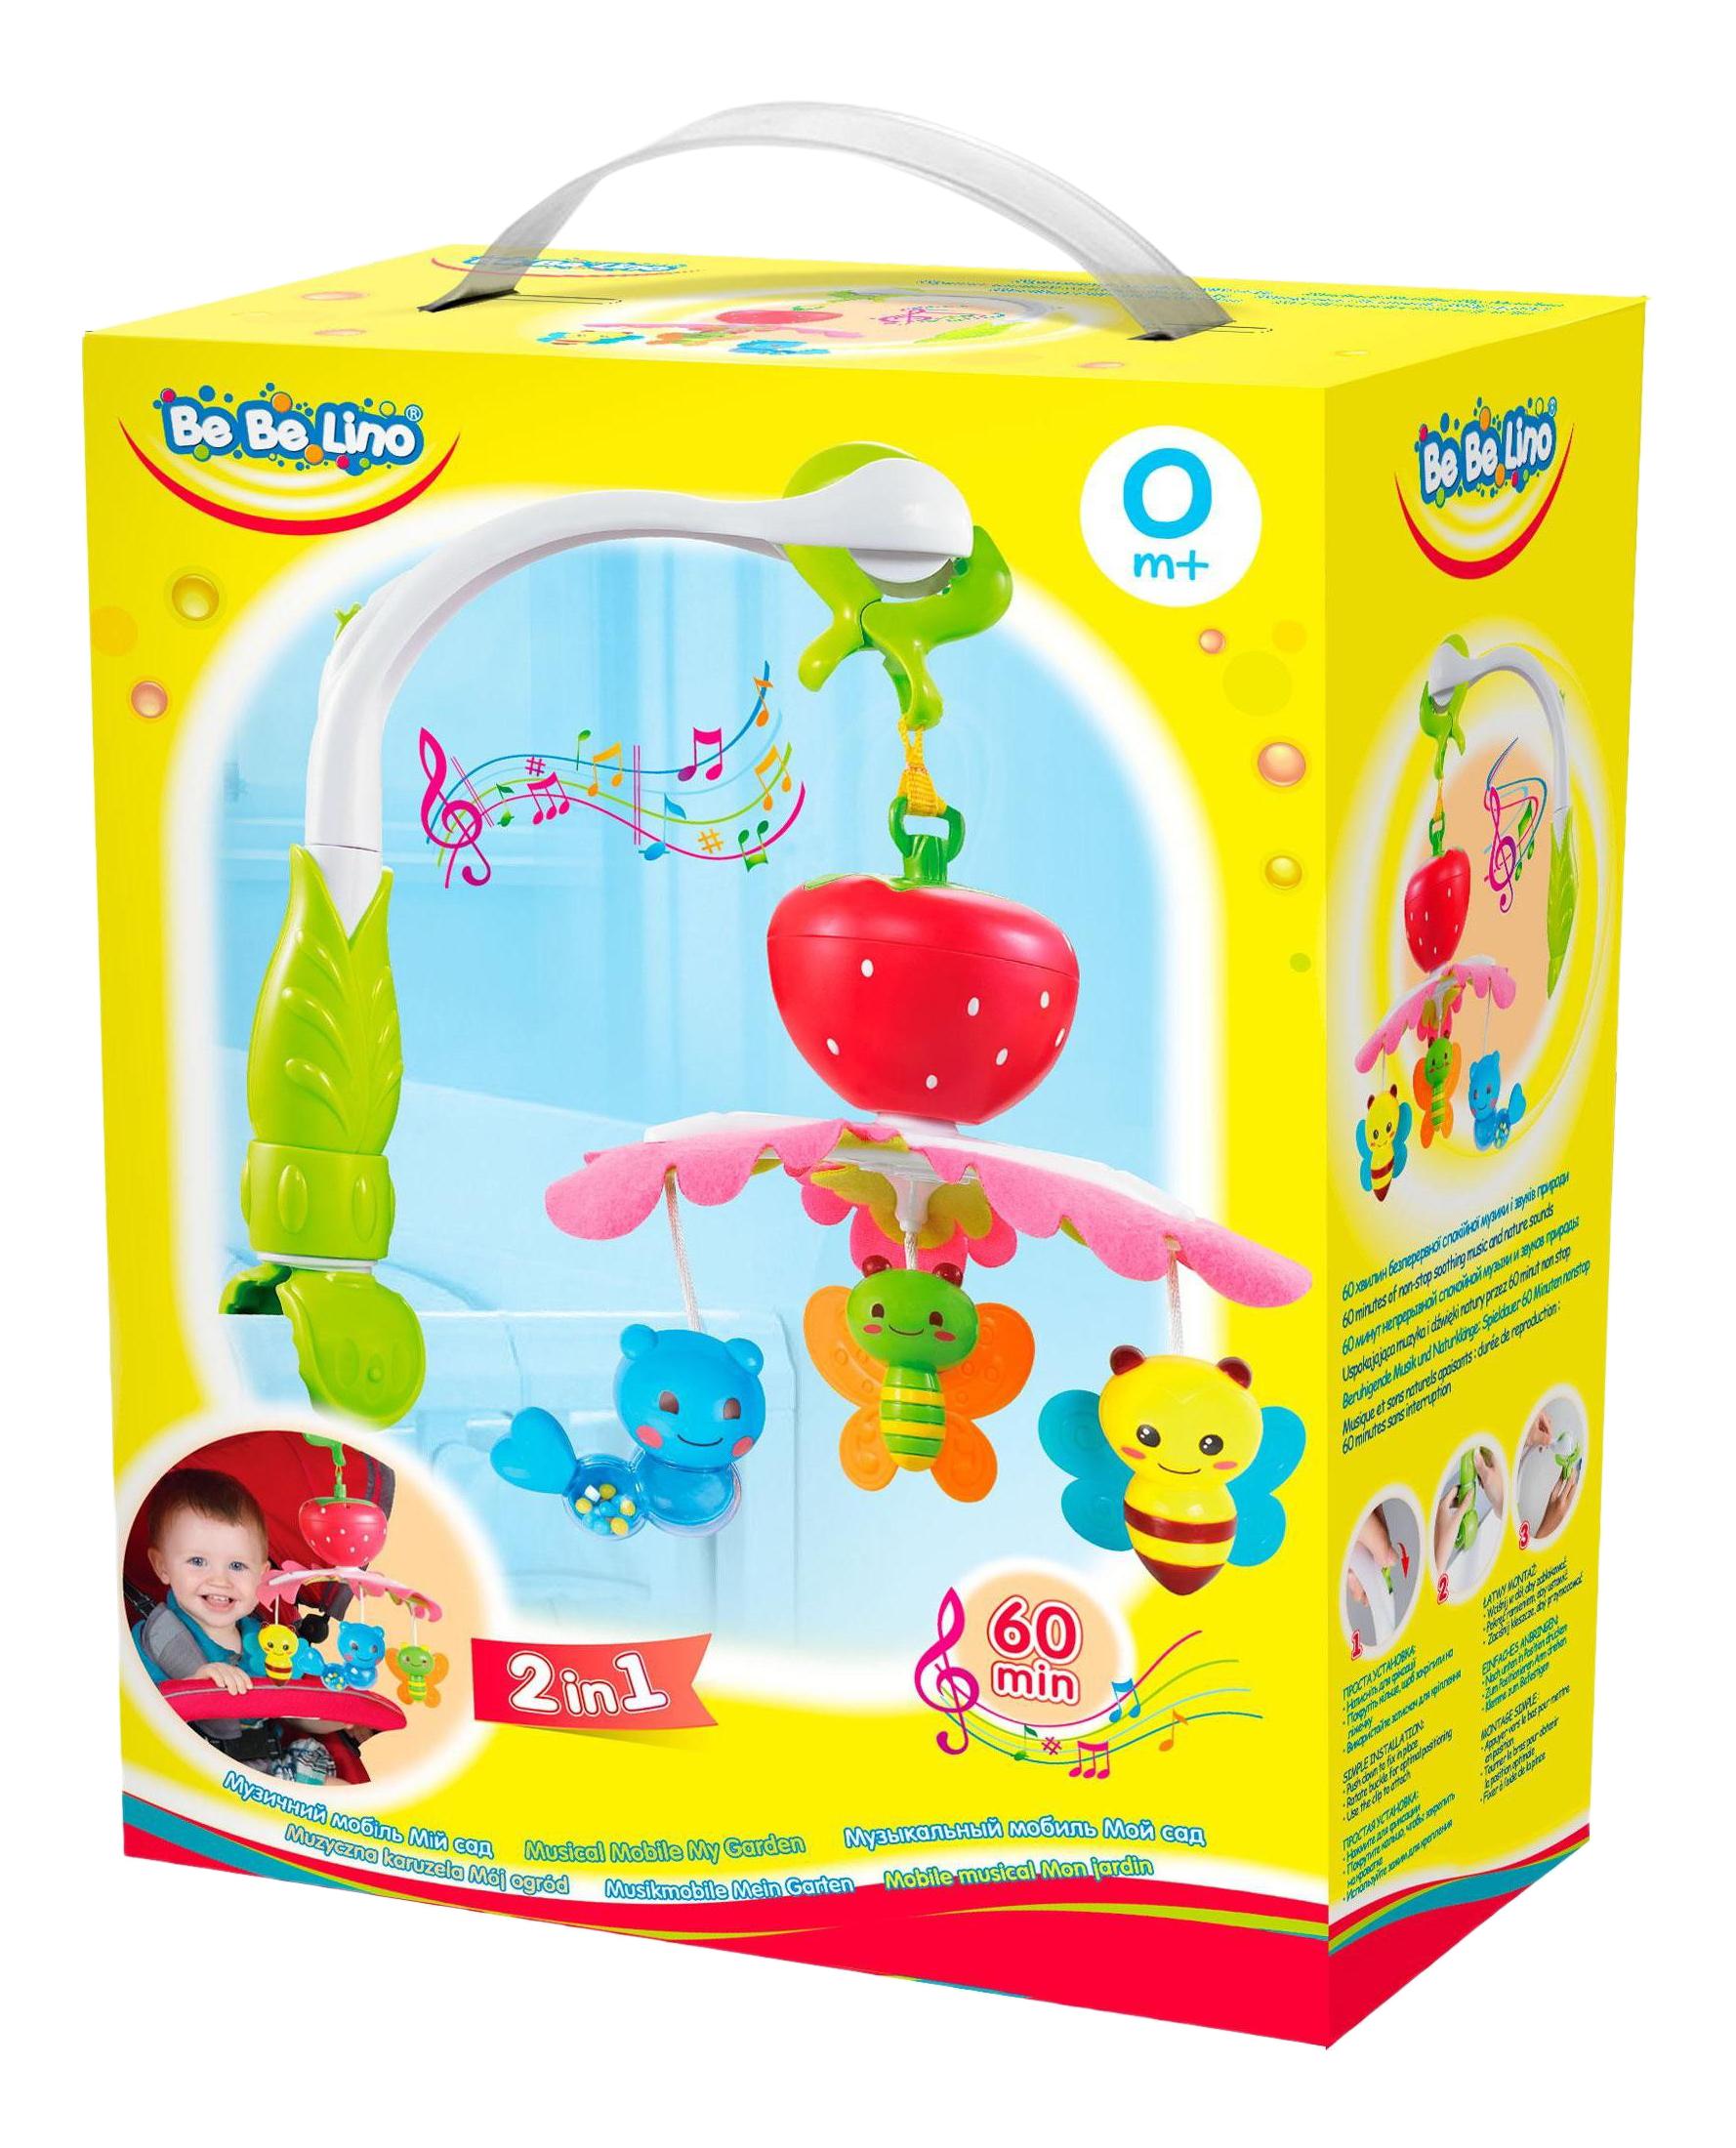 Купить Интерактивная игрушка BebeLino Музыкальный мобильМой сад, Интерактивные мягкие игрушки